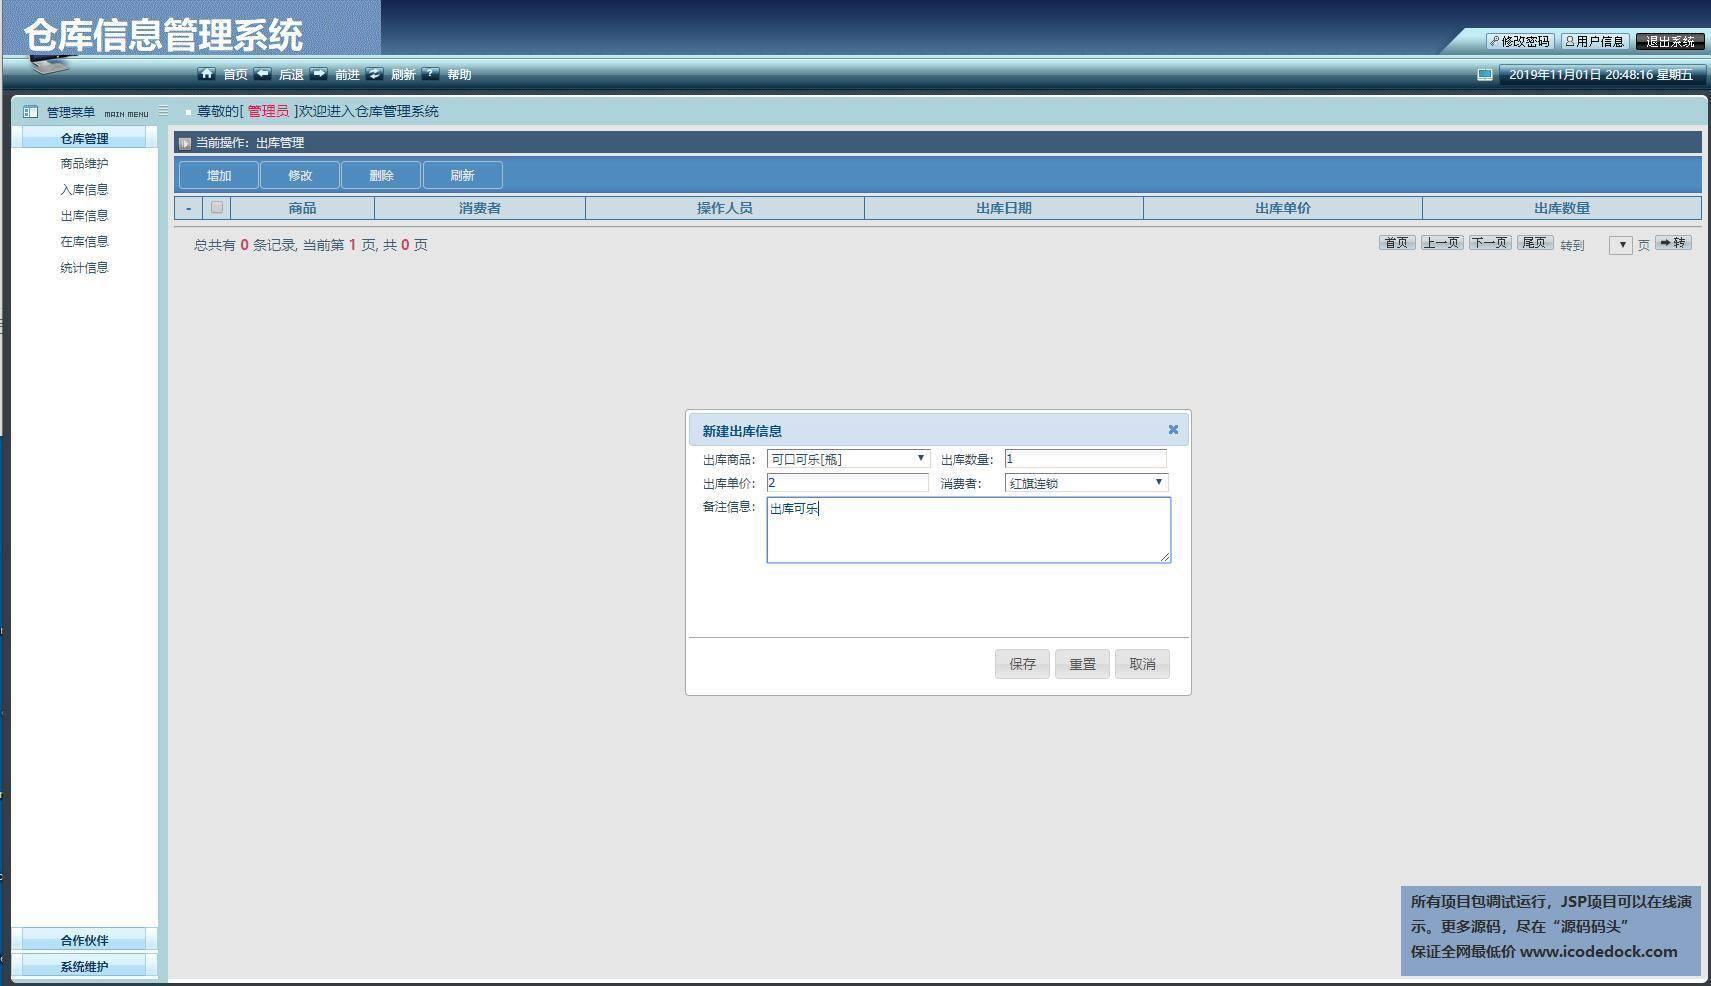 源码码头-SSH仓储管理系统-管理员角色-出库管理